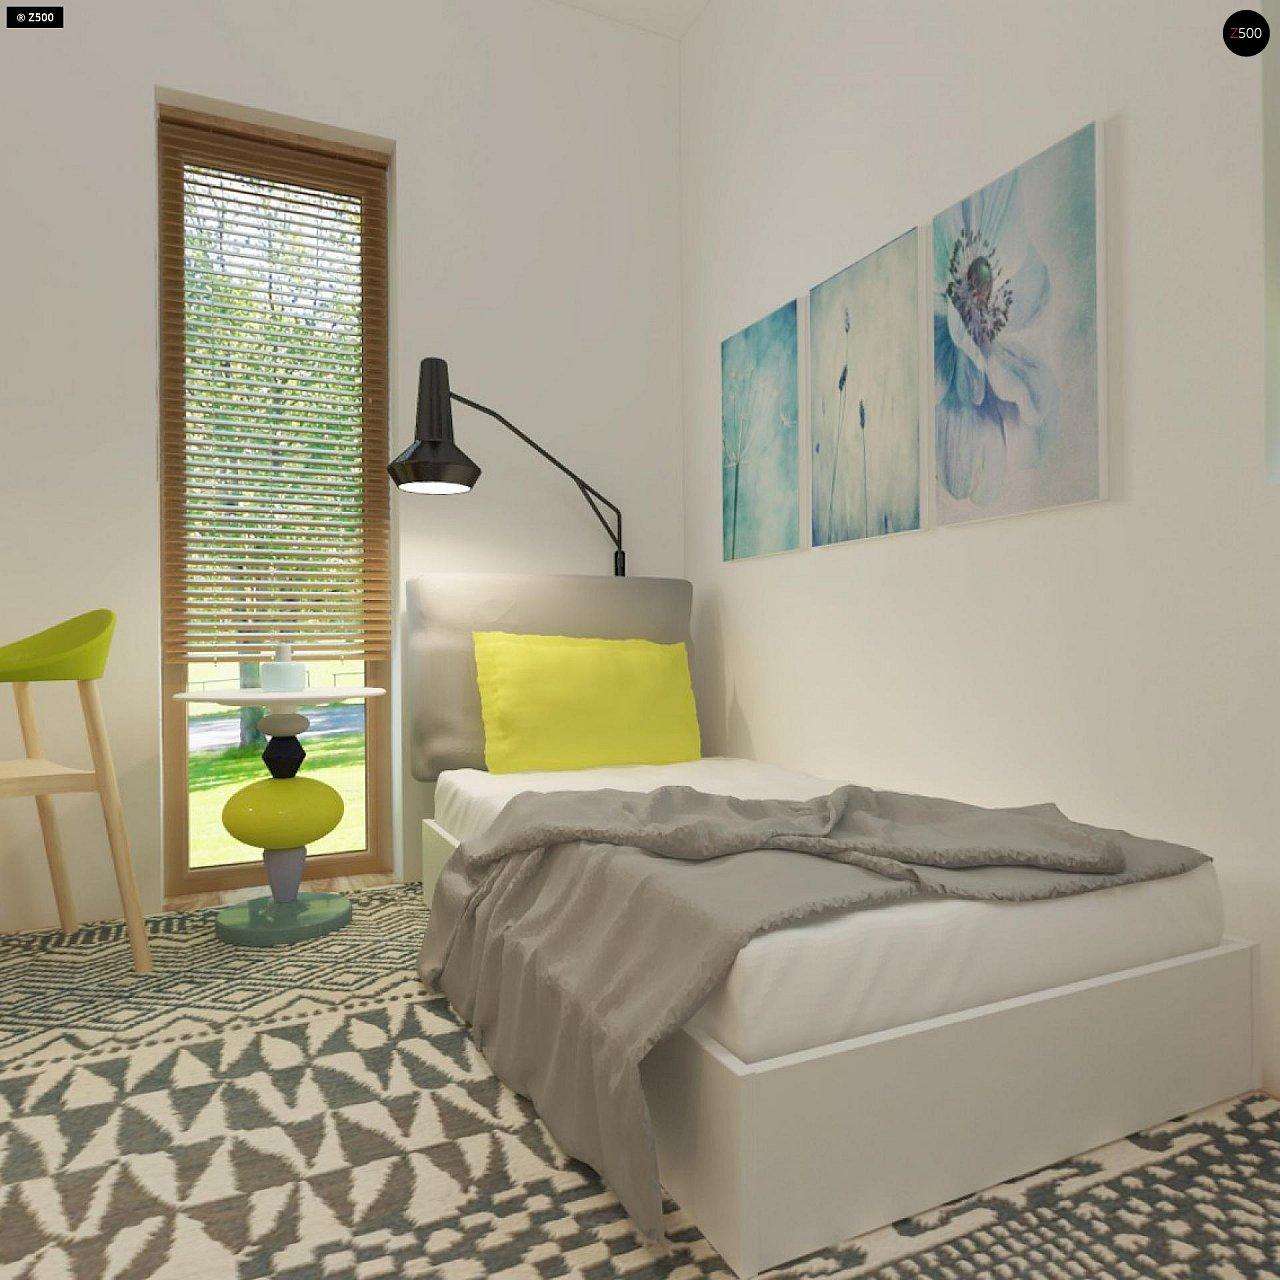 Небольшой дом из газобетона в стиле хай-тек — элегантный, практичный и экономичный. - фото 20